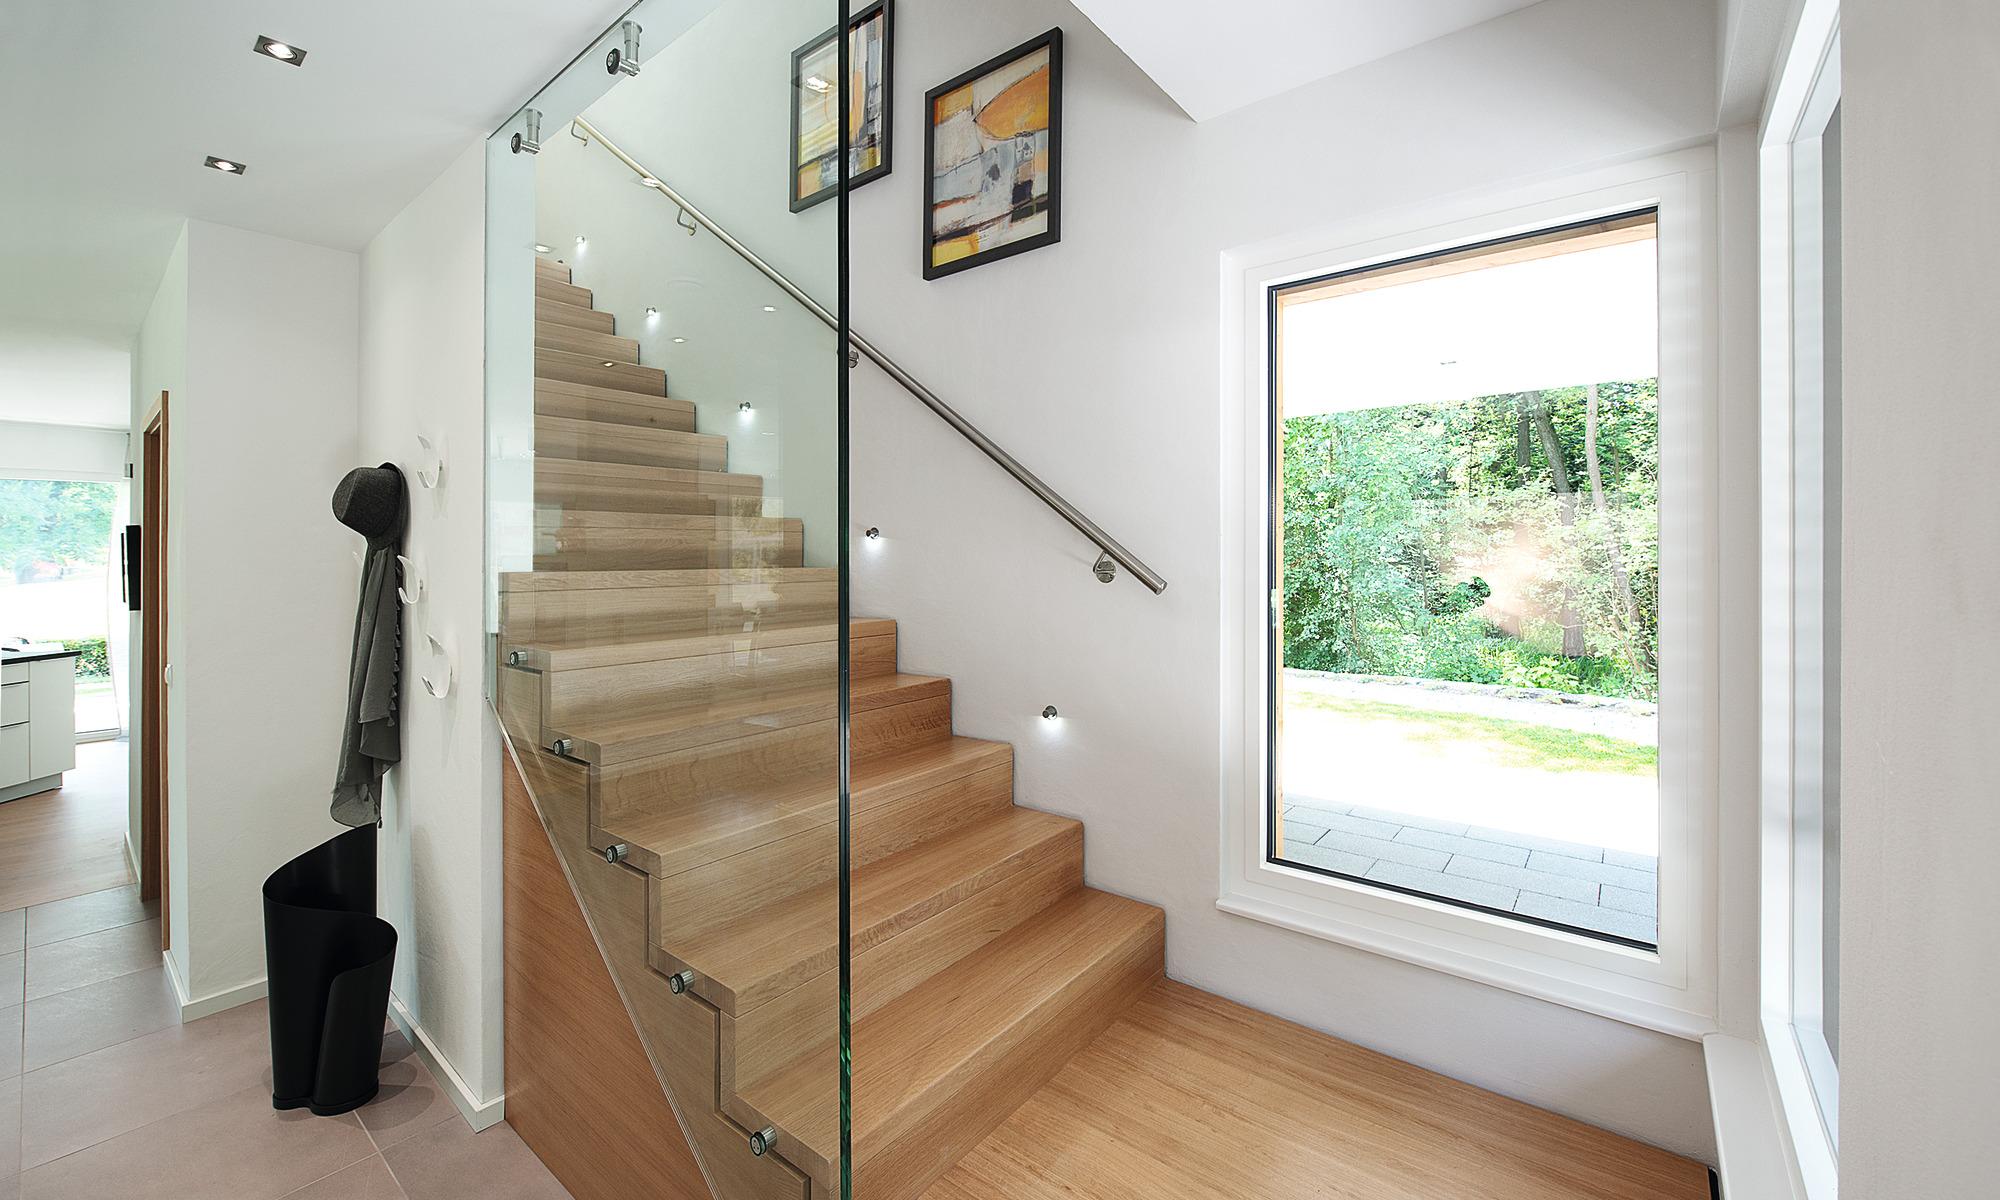 WeberHaus mit moderner, massiver Holztreppe